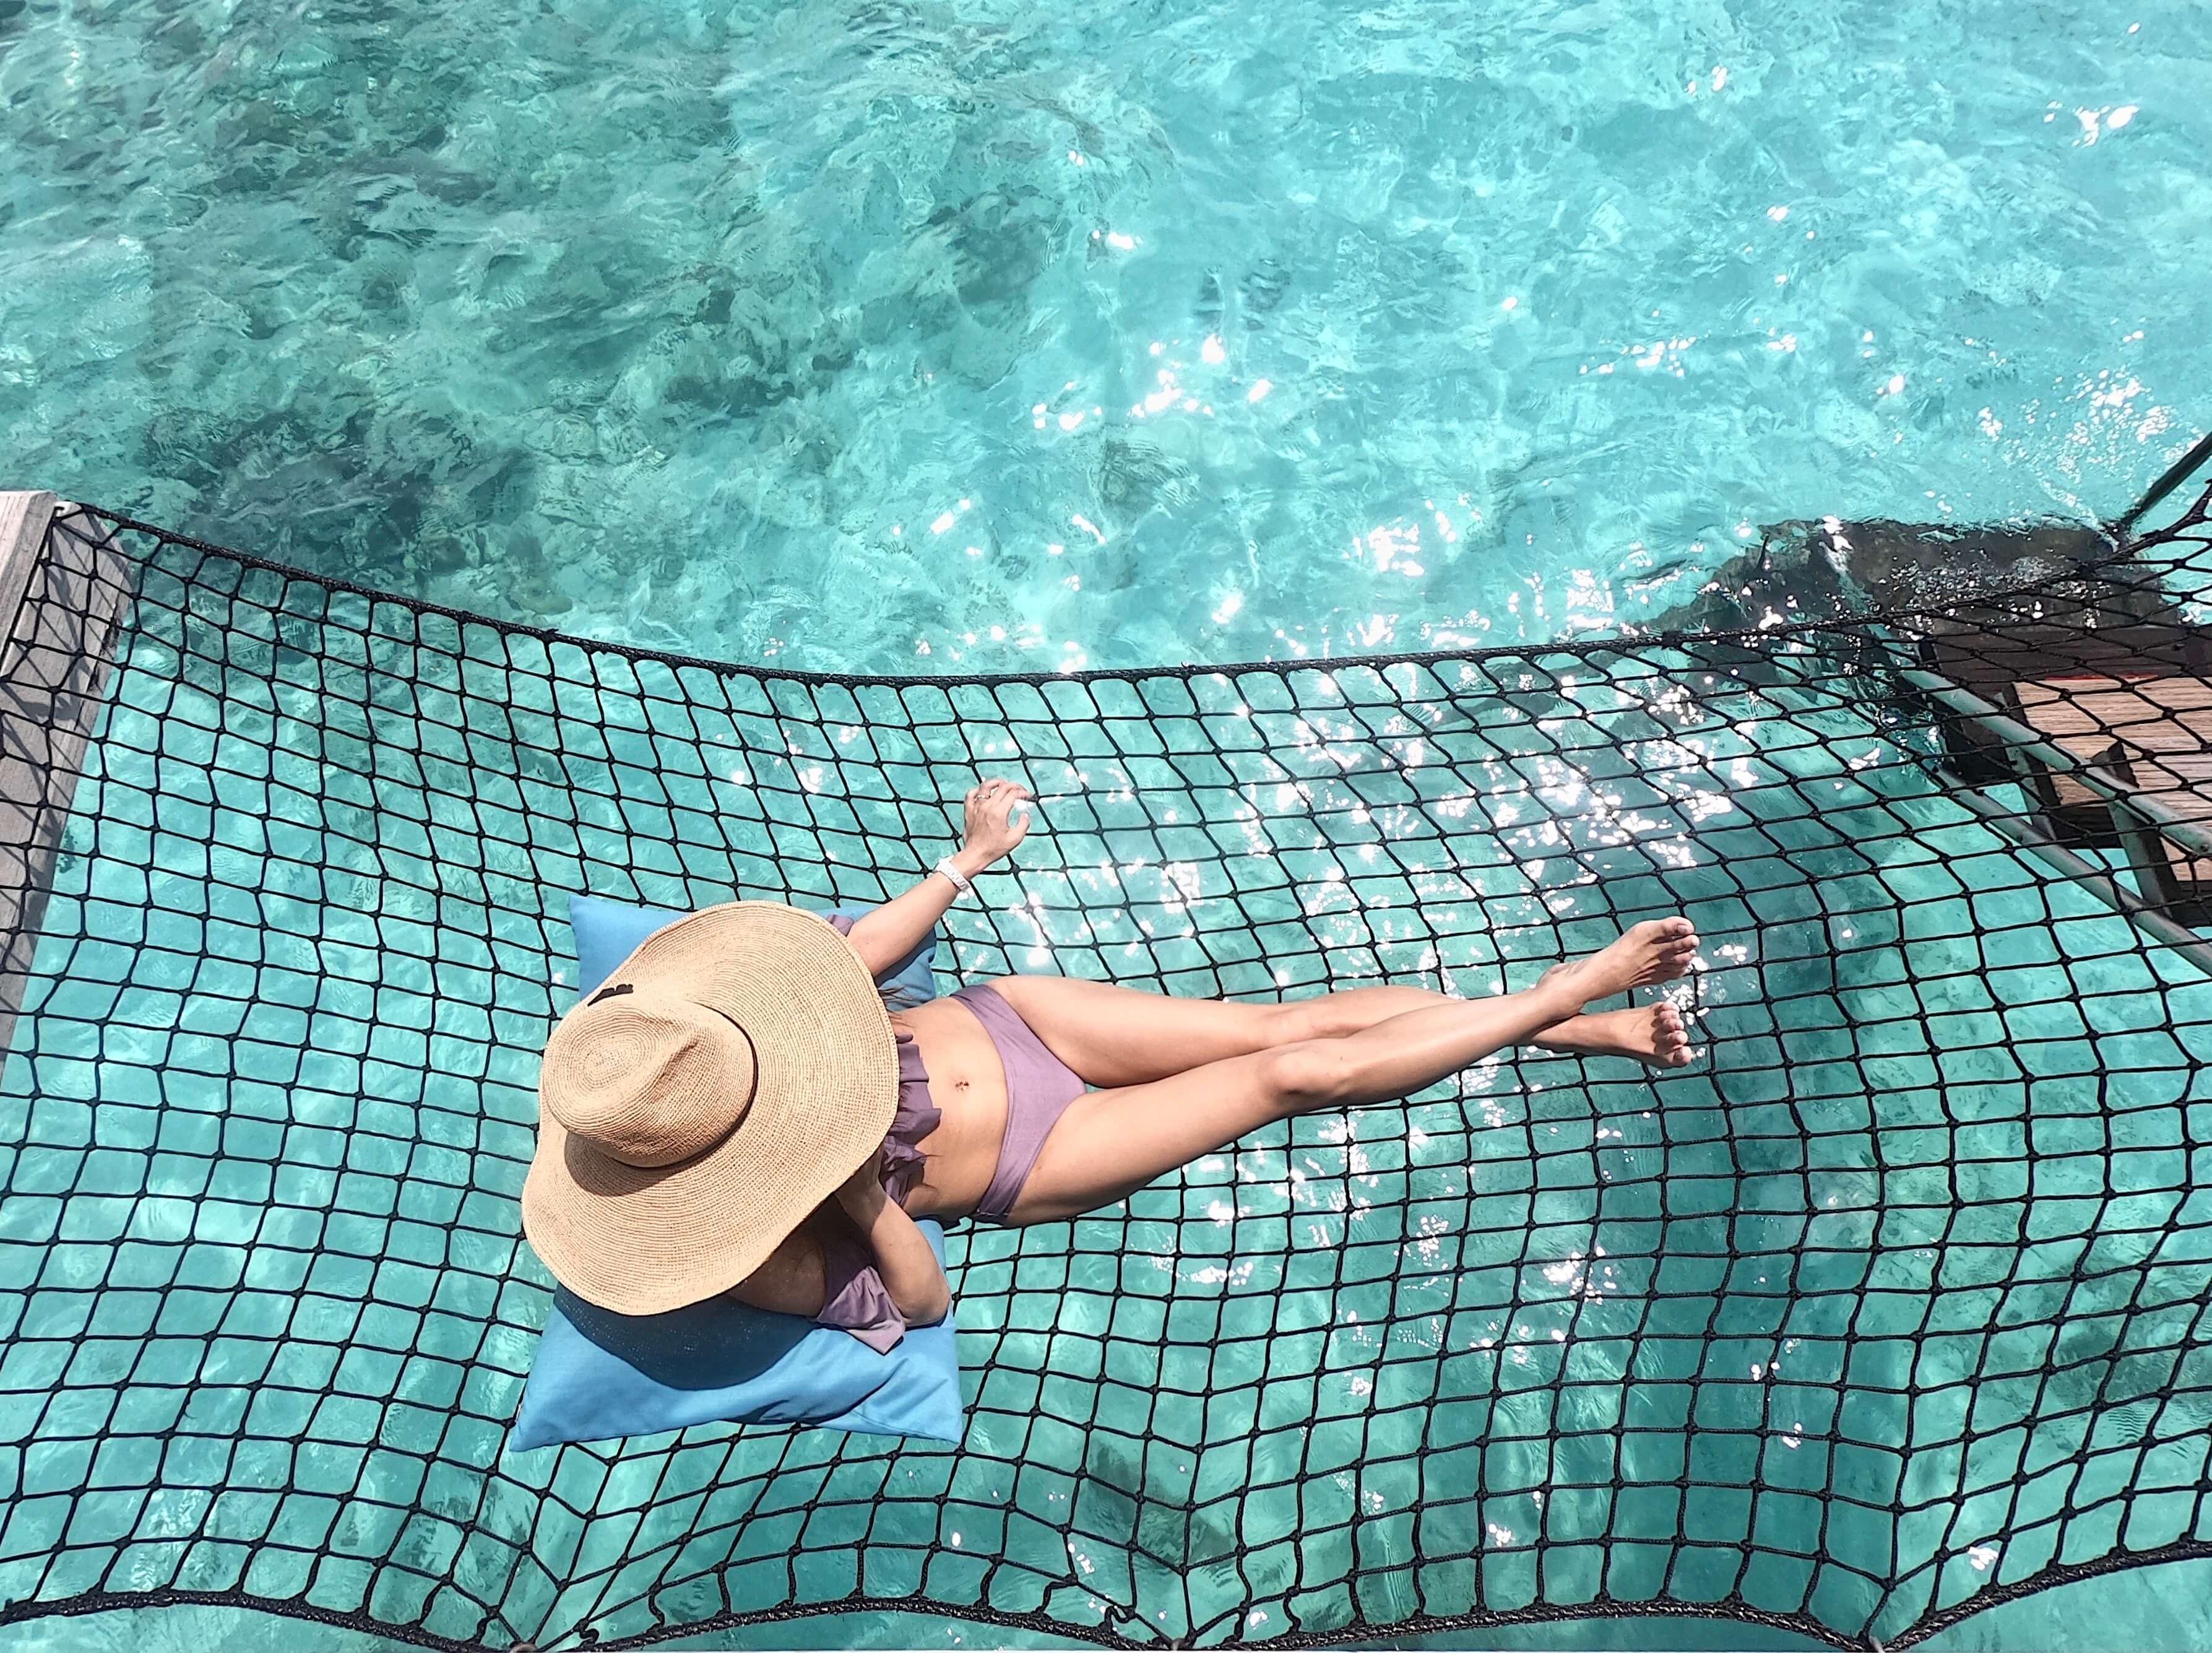 ハート型の環礁に浮かぶロマンチックなリゾート「Shangri-La's Villingili Resort&Spa」で過ごす【モルディブ】ハネムーン!